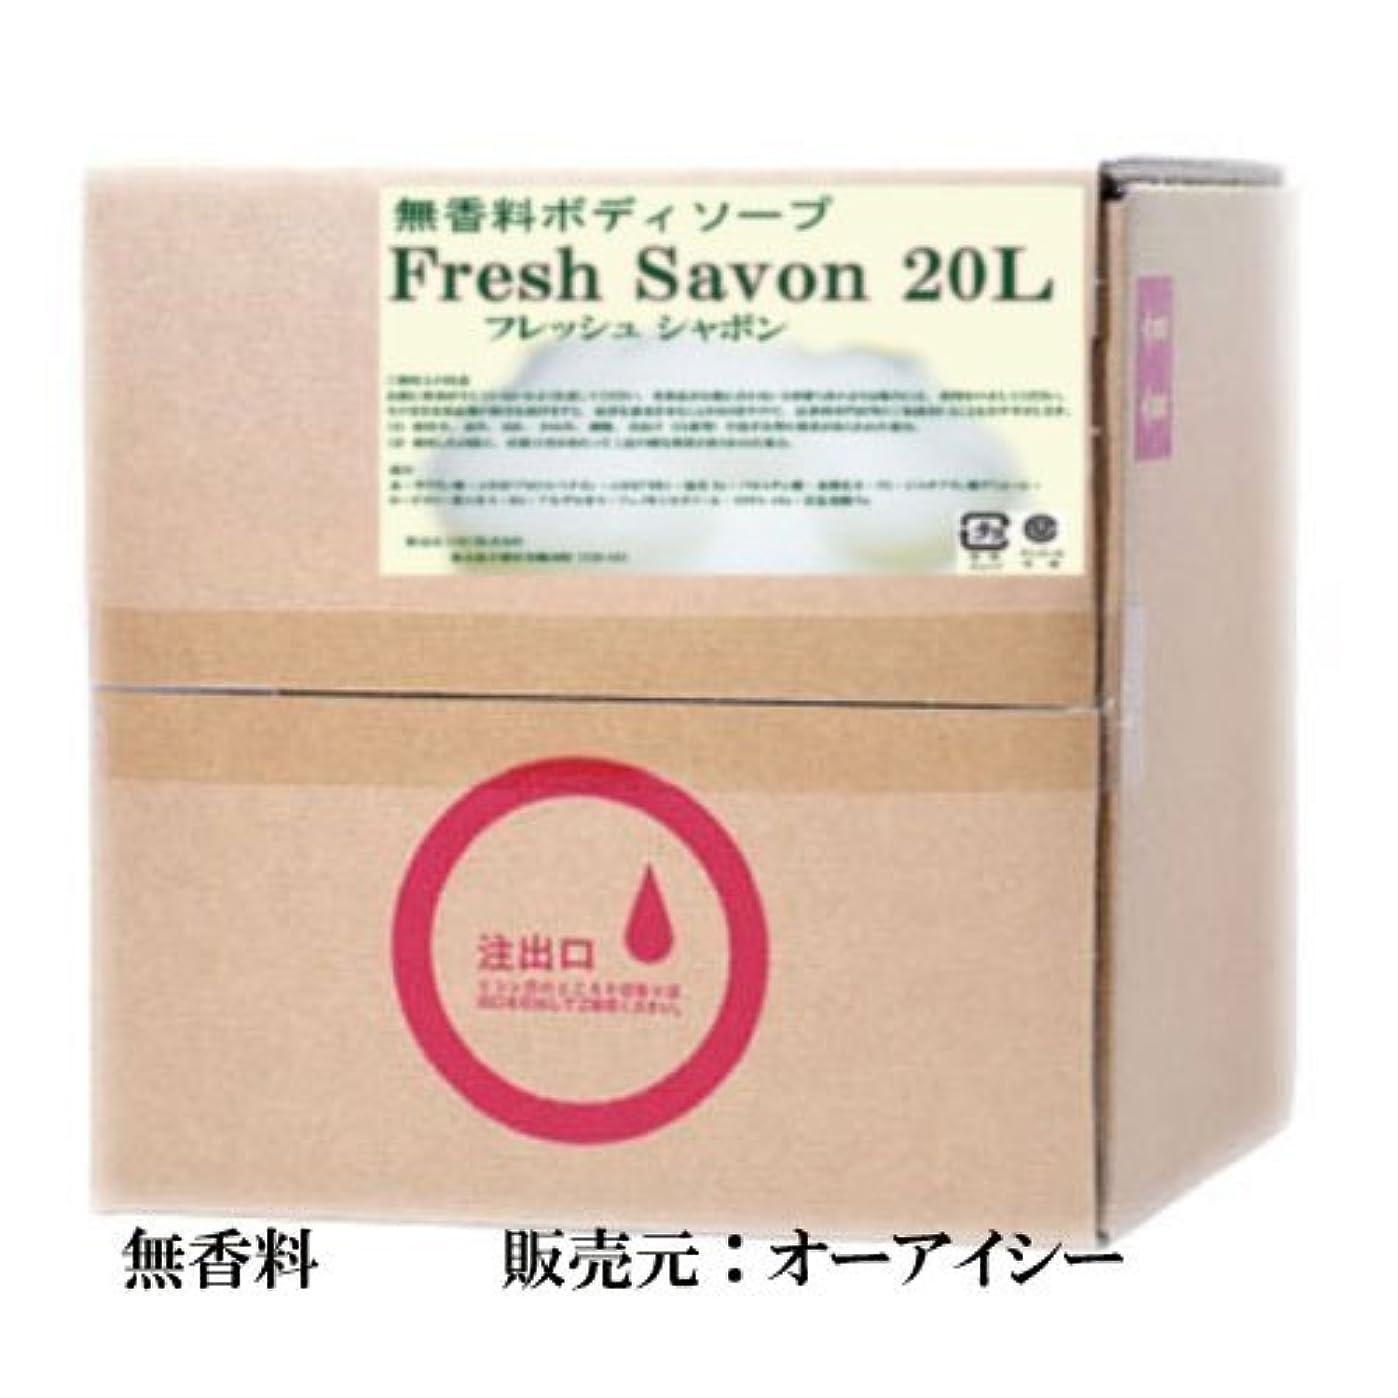 率直な植木一人で業務用 無香料 ボディソープ フレッシュシャボン 20L (販売元:オーアイシー) (ホワイト(コック付属))